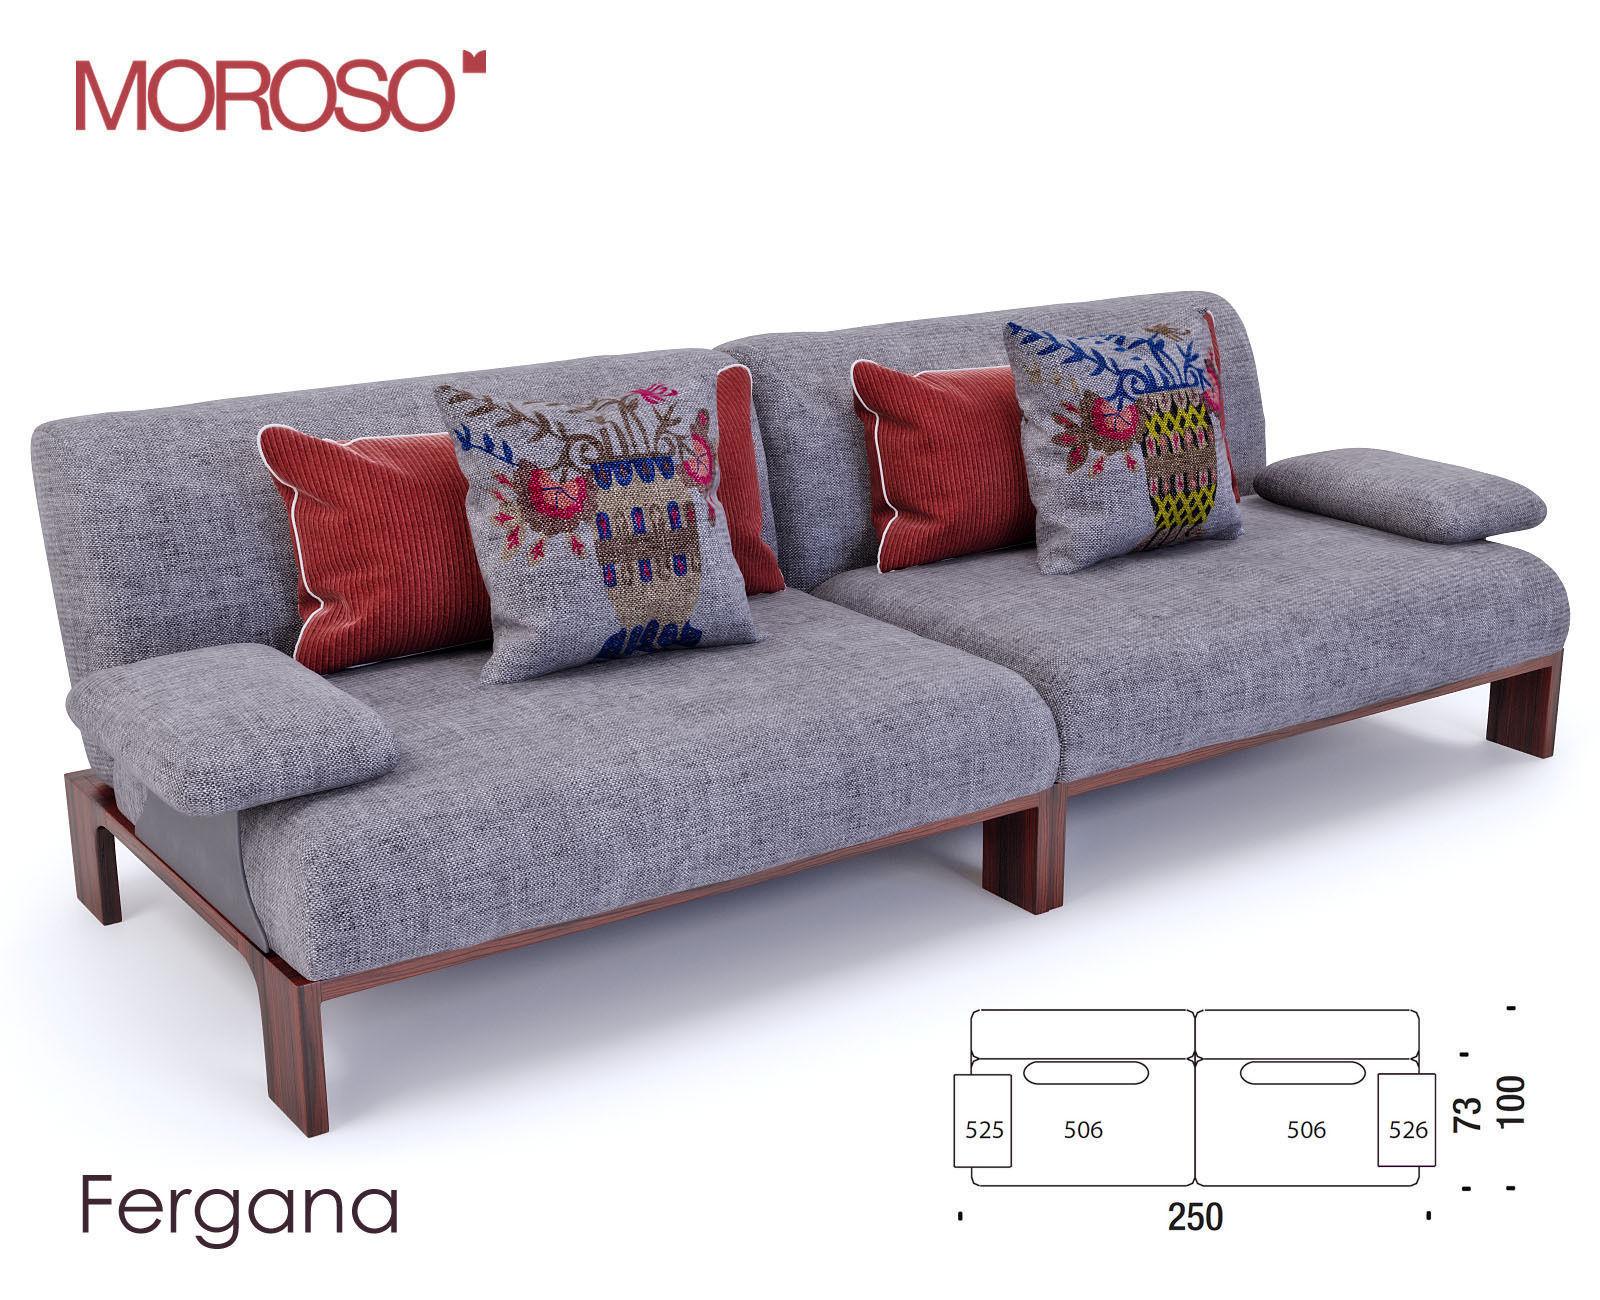 Moroso Fergana Sofa 3D Model Max Obj Fbx